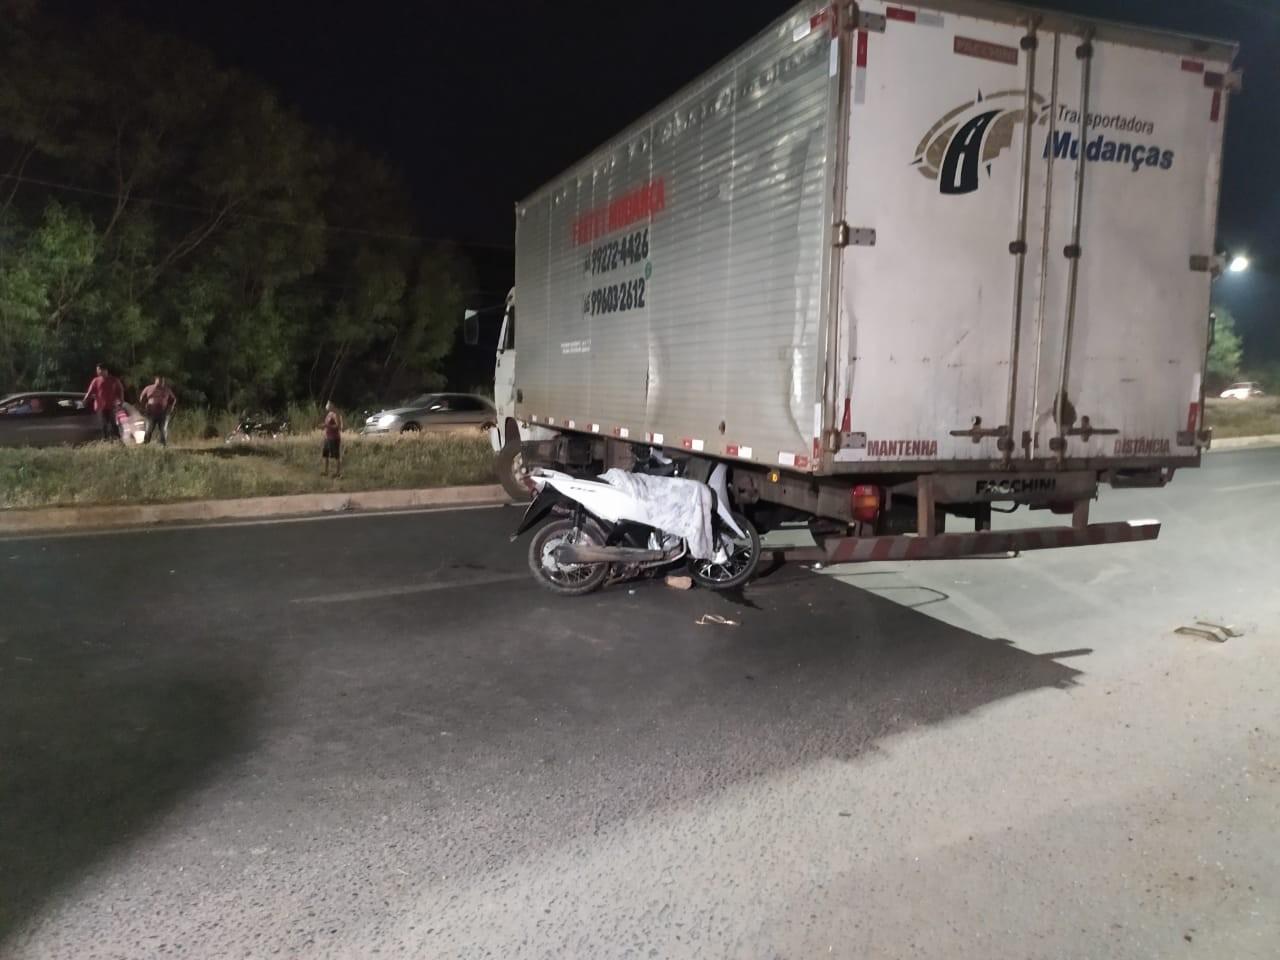 Adolescente de 16 anos morre após bater em caminhão que fazia manobra em Cuiabá